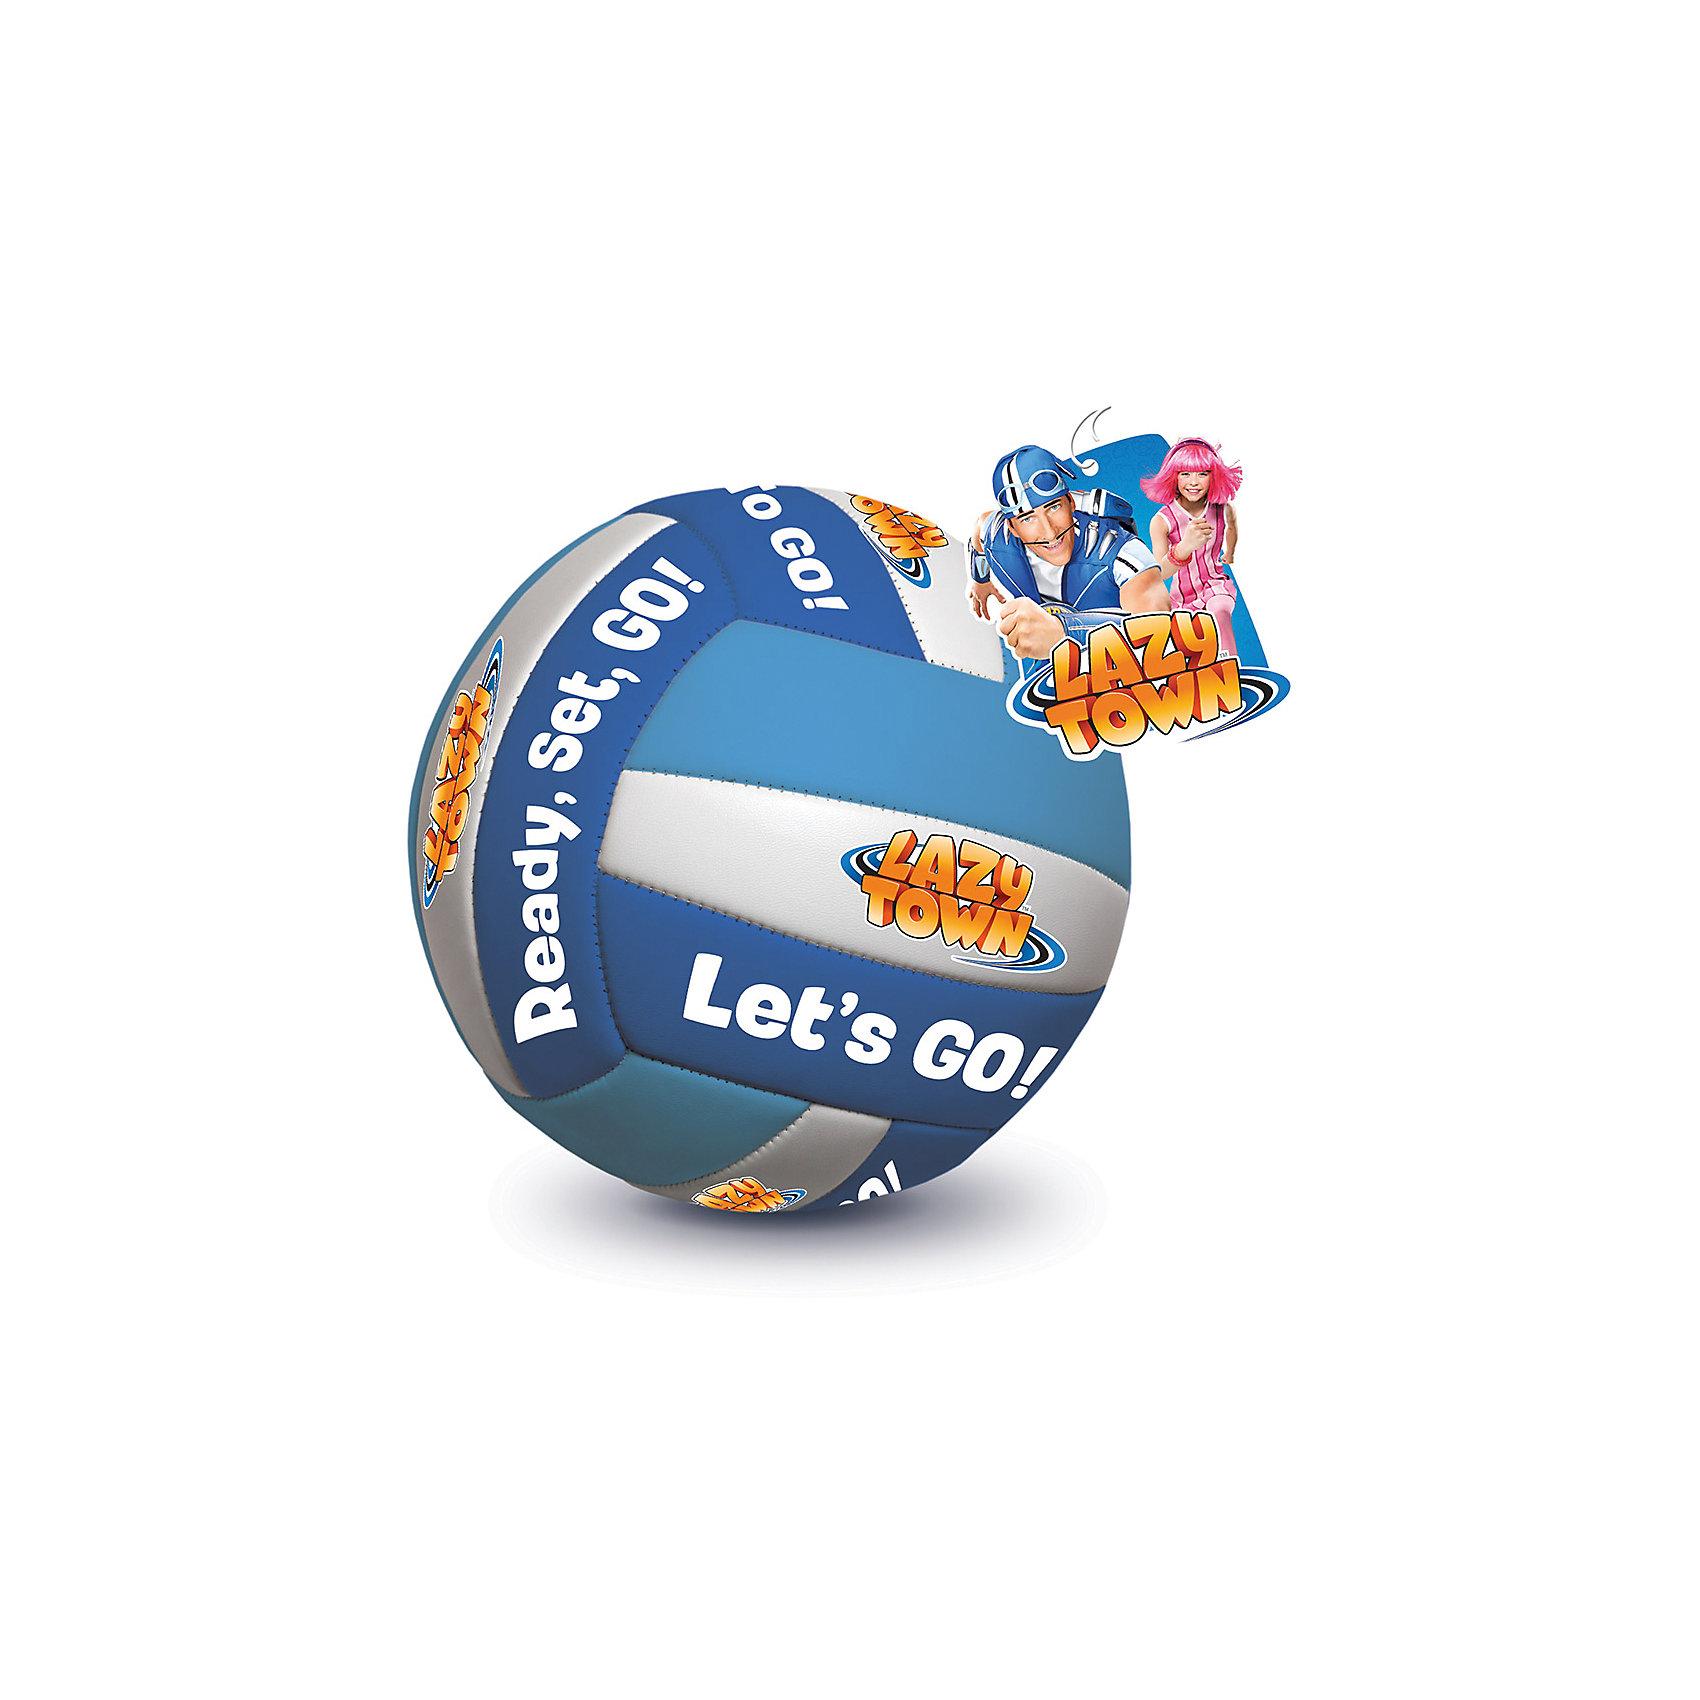 Волейбольный мяч Lazy Town, ЛетоВолейбольный мяч Lazy Town вдохновит ребенка на новые активные игры. Мяч изготовлен из качественных материалов, обеспечивающих высокую прочность. Мяч от героев телепередачи Лентяево имеет приятную расцветку и мотивирующие надписи. Играть с таким мячом - одно удовольствие!<br><br>Дополнительная информация:<br>Материал: ПВХ<br>Вес: 400 грамм<br>Волейбольный мяч Lazy Town вы можете купить в нашем интернет-магазине.<br><br>Ширина мм: 500<br>Глубина мм: 500<br>Высота мм: 500<br>Вес г: 400<br>Возраст от месяцев: 36<br>Возраст до месяцев: 192<br>Пол: Мужской<br>Возраст: Детский<br>SKU: 4753594